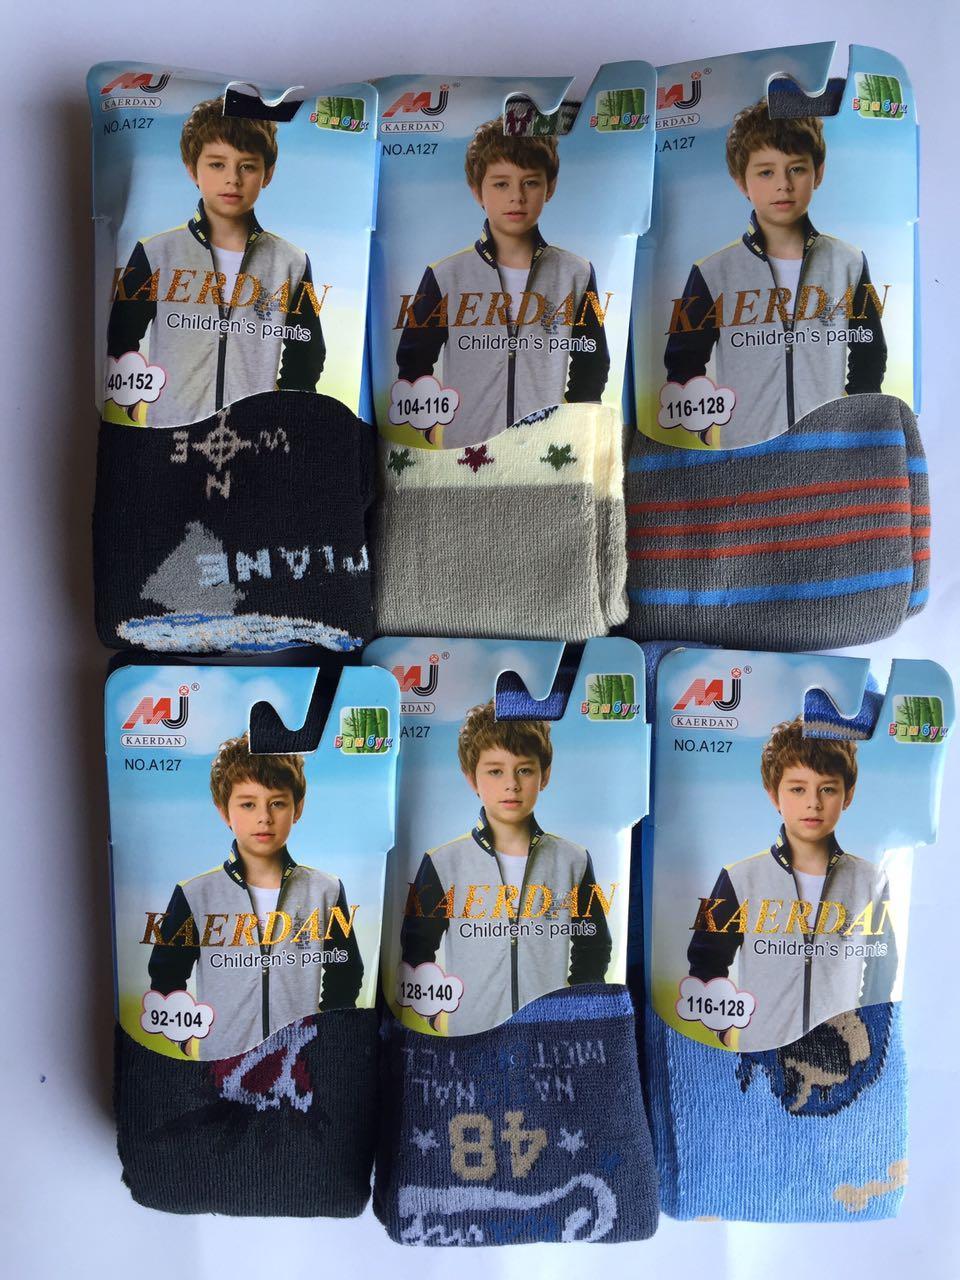 Детские махровые колготы на мальчика KAERDAN MJ. Р.р 92-164